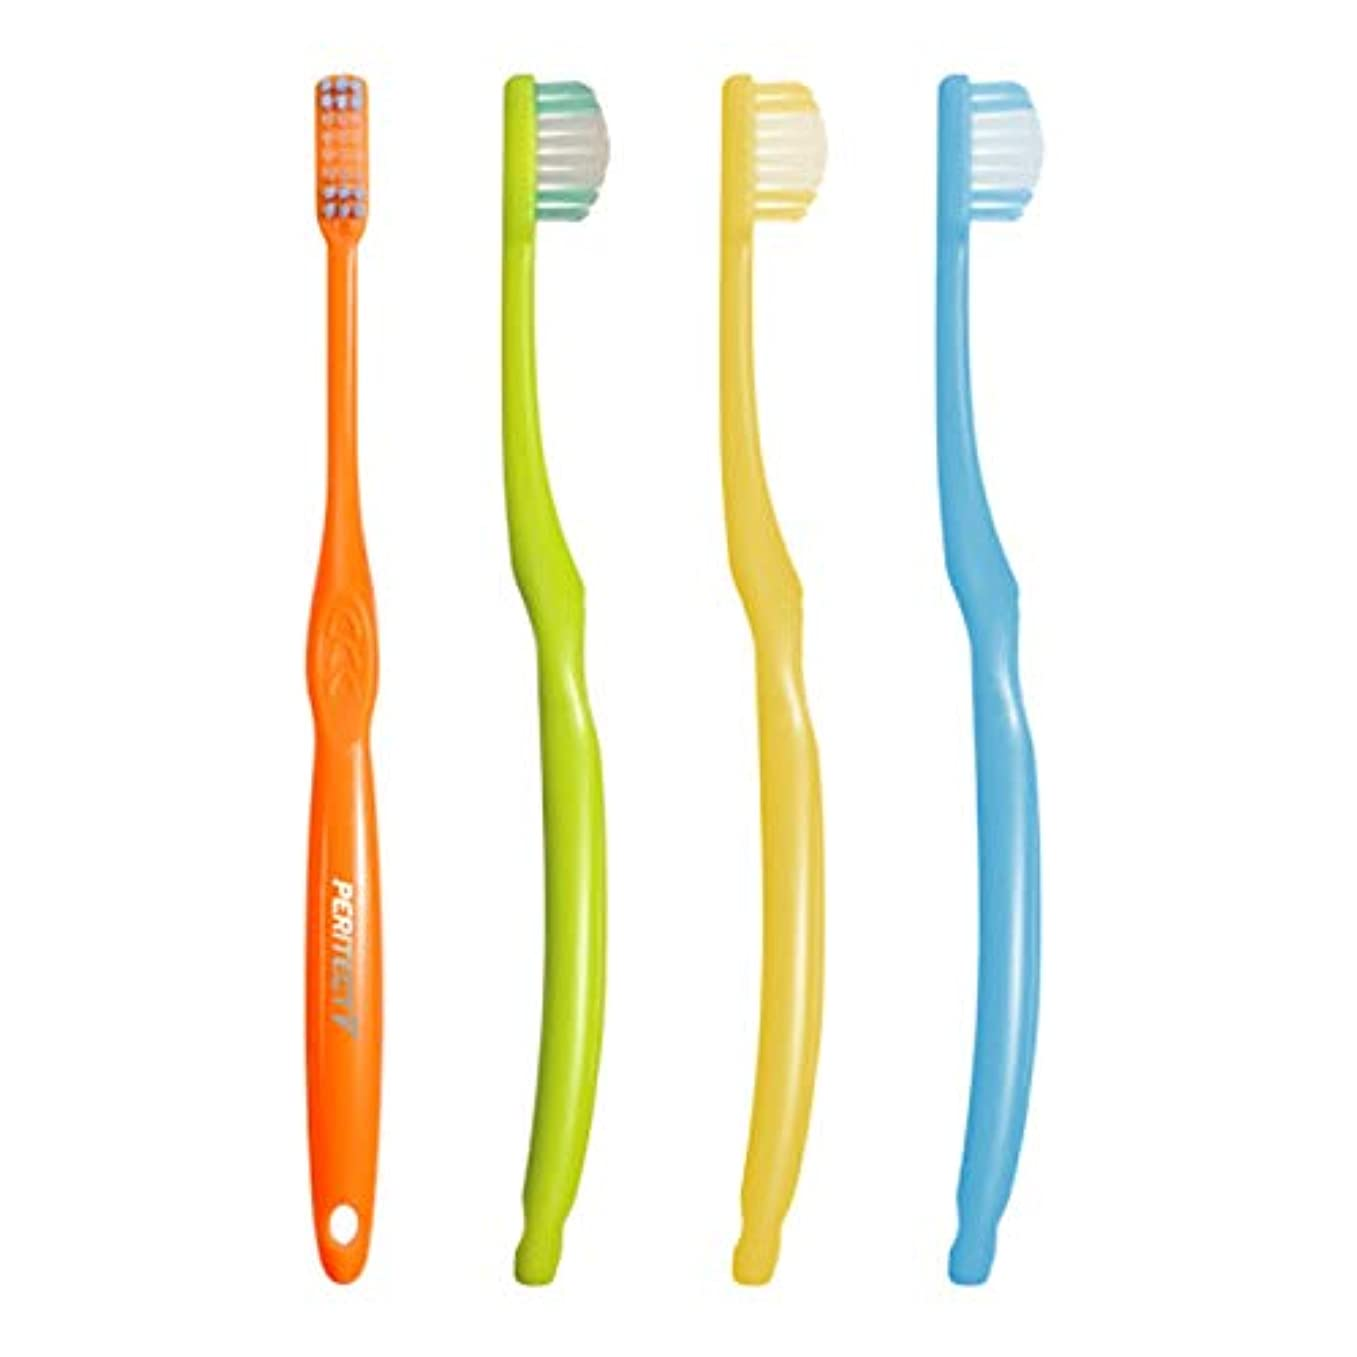 直立かかわらずテレマコスビーブランド PERITECT V ペリテクト ブイ 歯ブラシ (6M やわらかめ) × 5本 歯科専売品